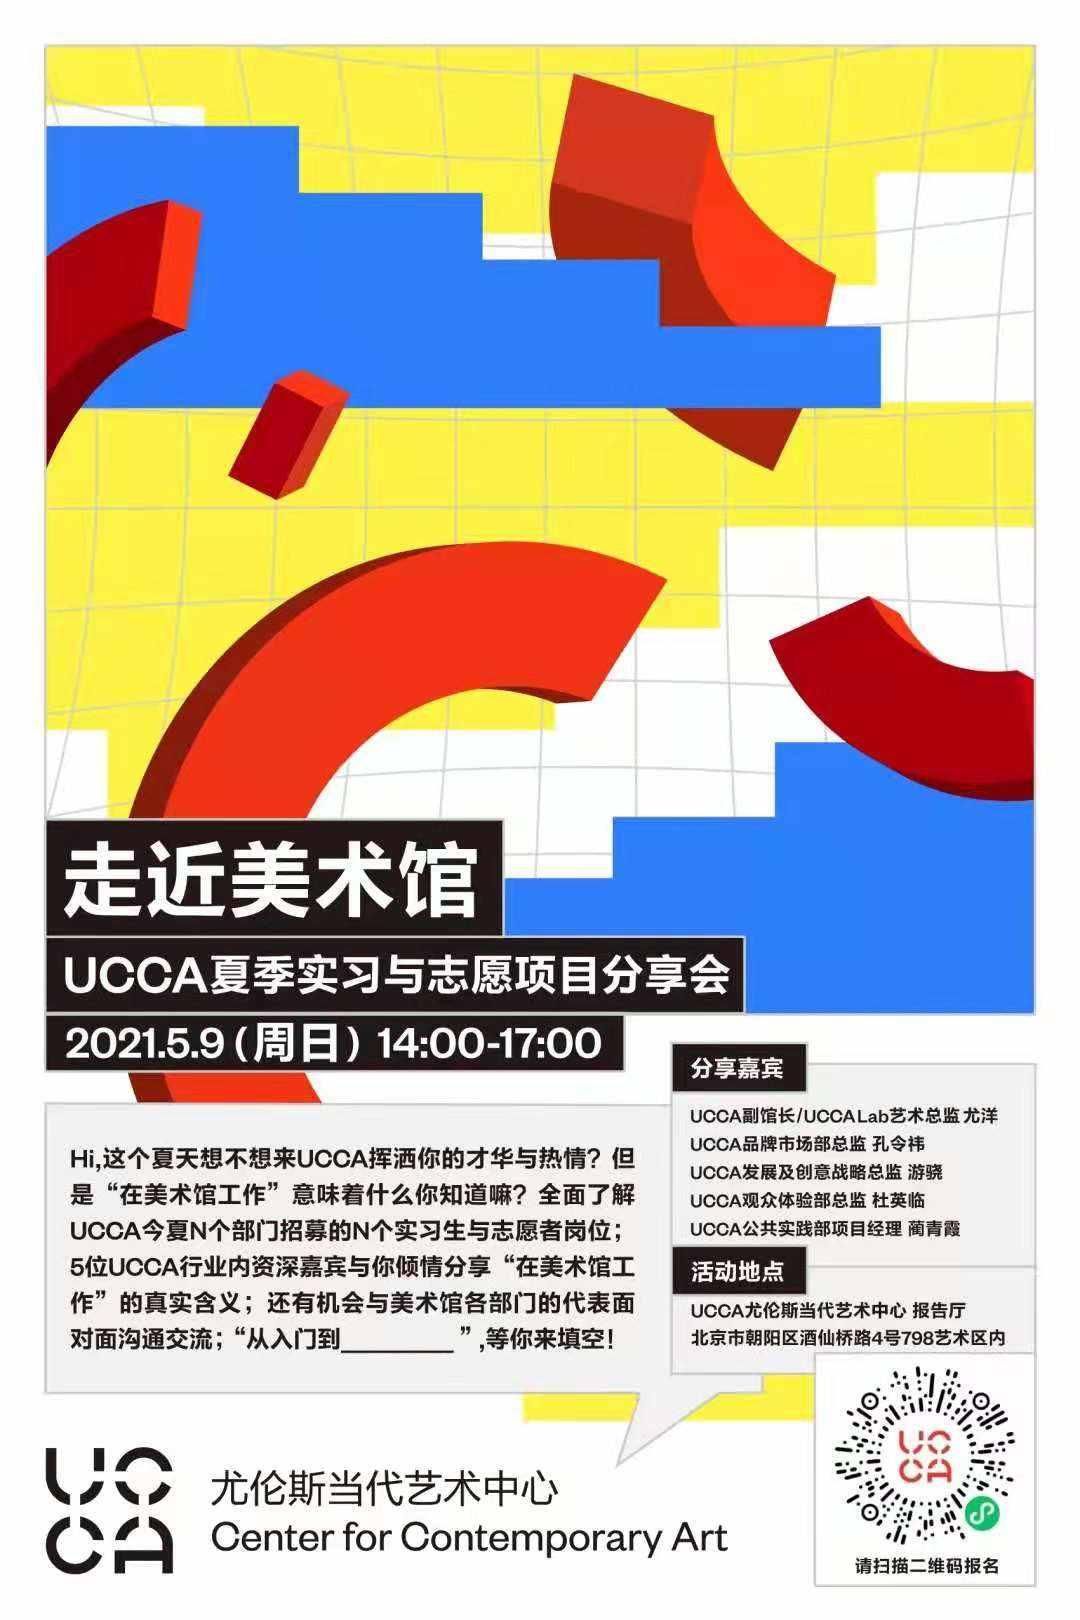 详情请关注UCCA尤伦斯当代艺术中心微信公众号